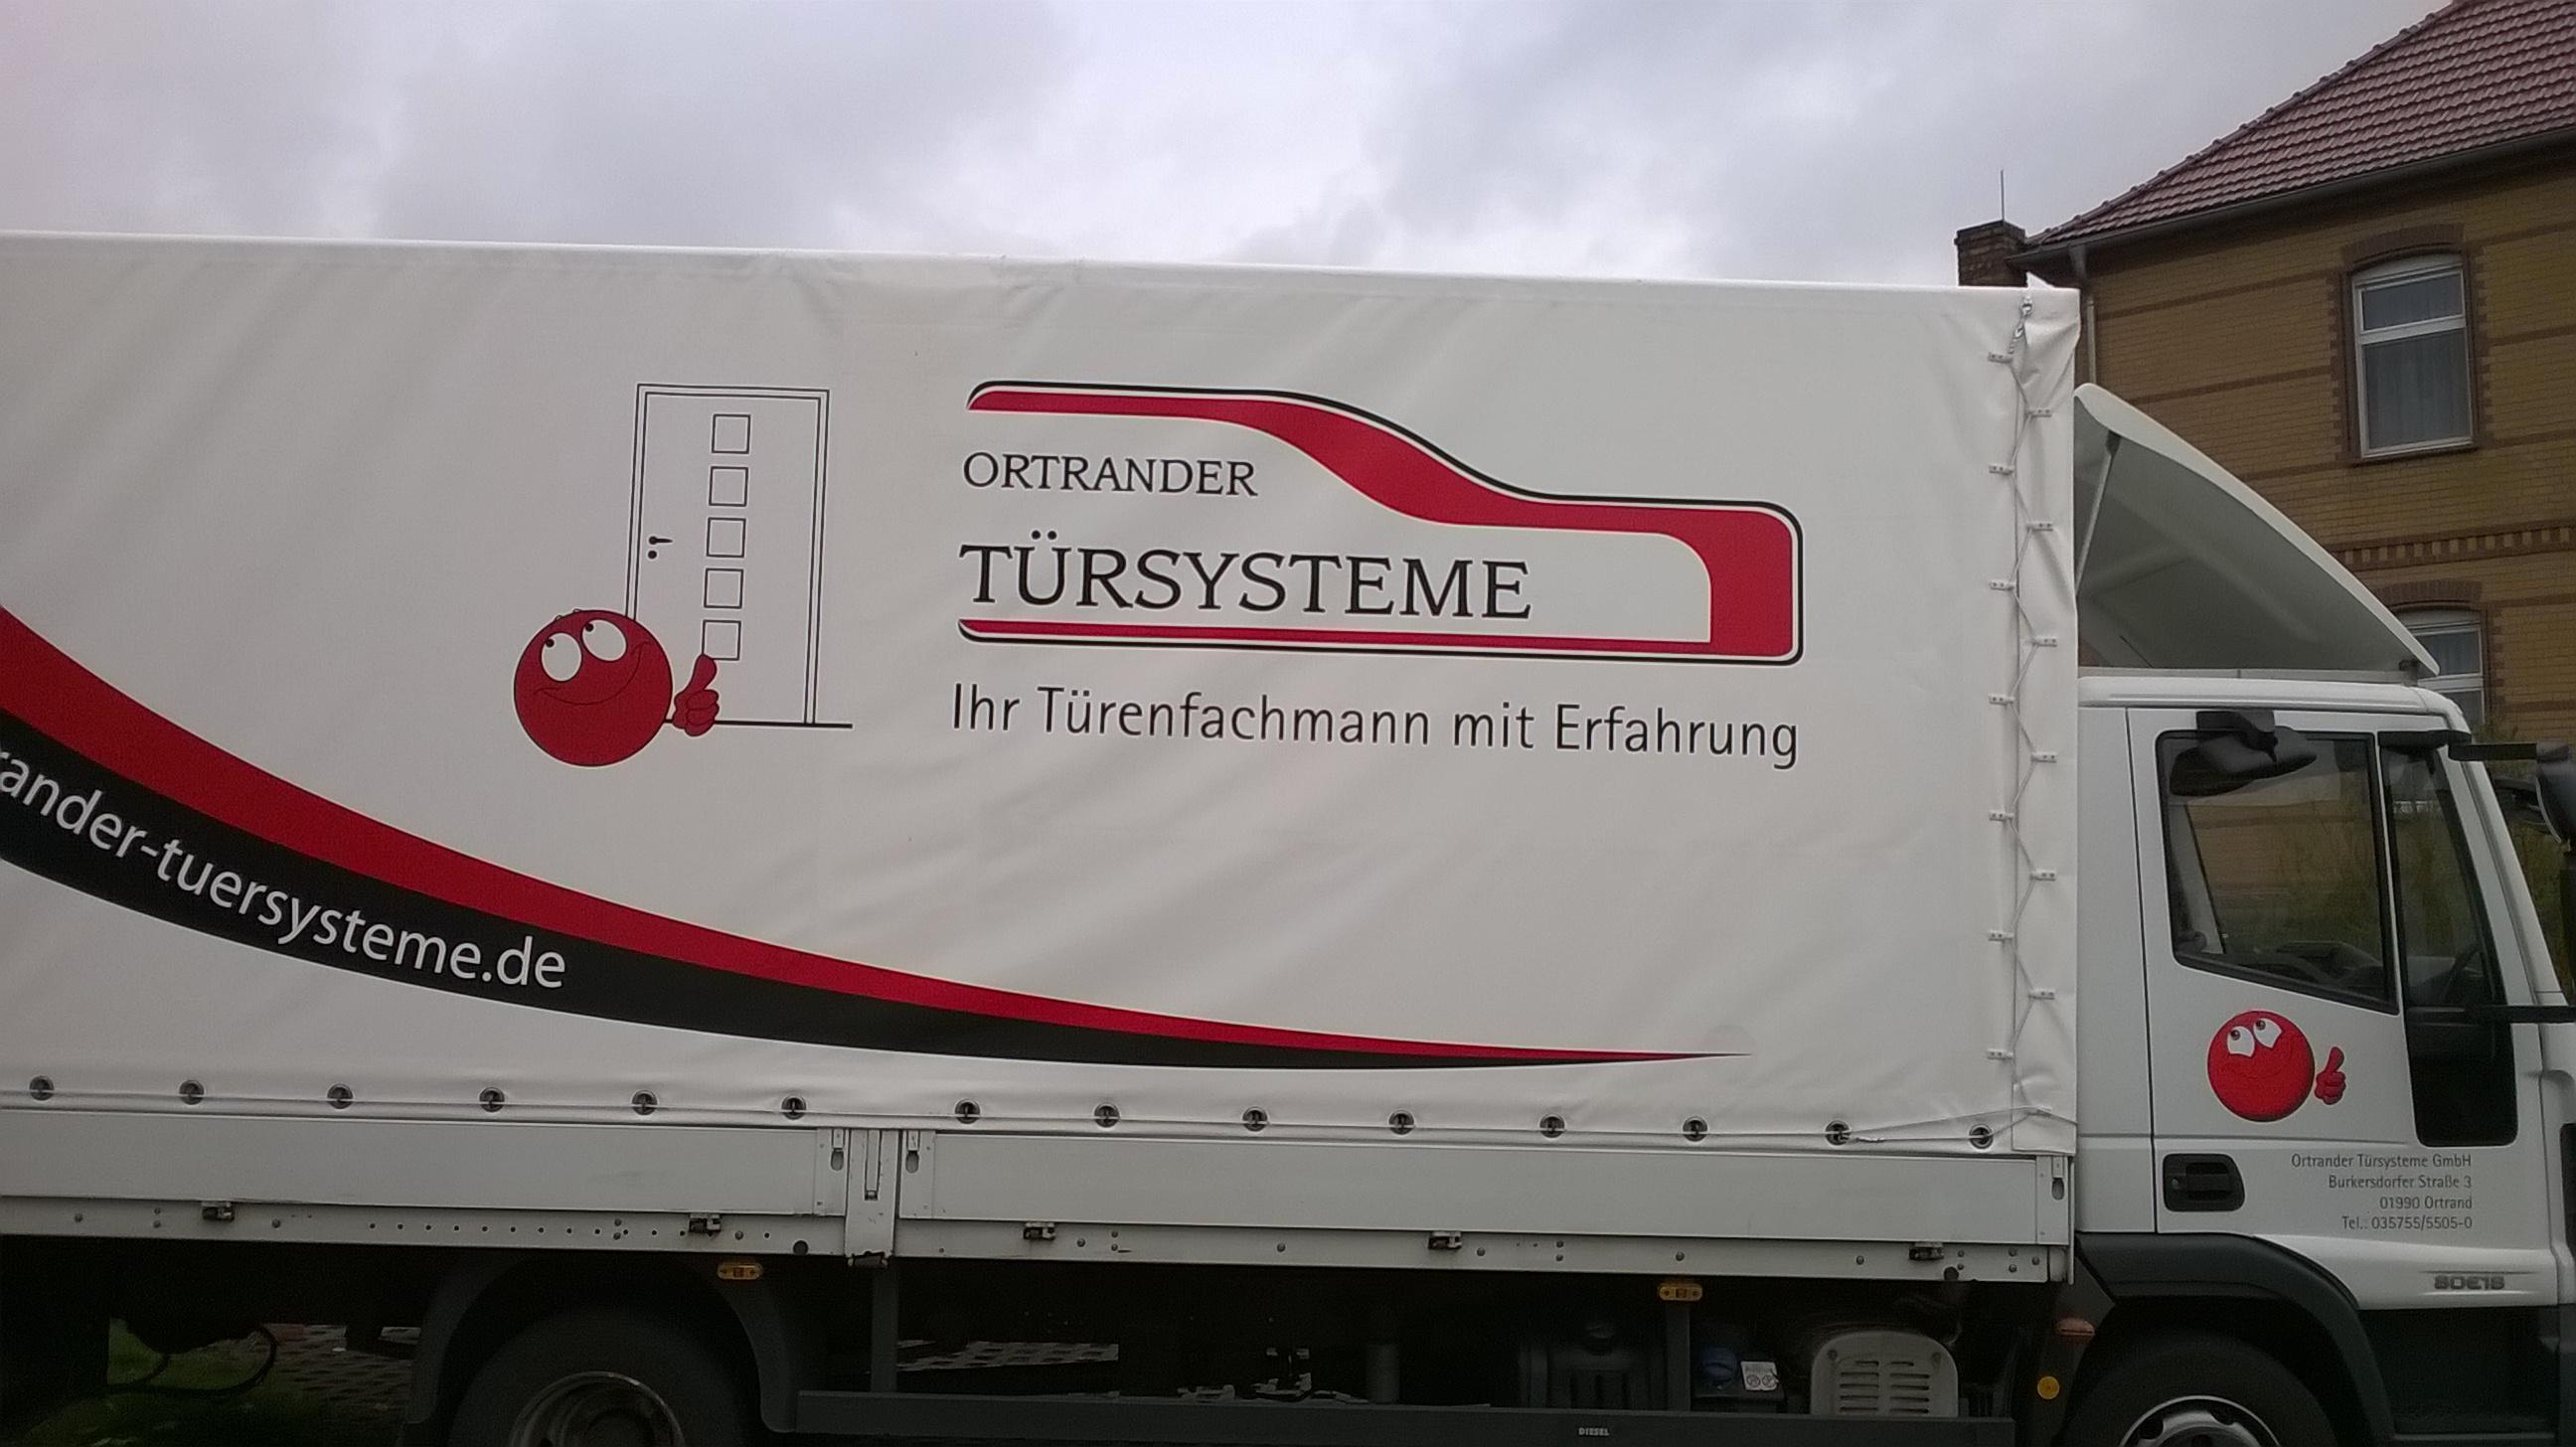 Charmant Fahrzeugvorlagen Für Wraps Ideen - Beispielzusammenfassung ...